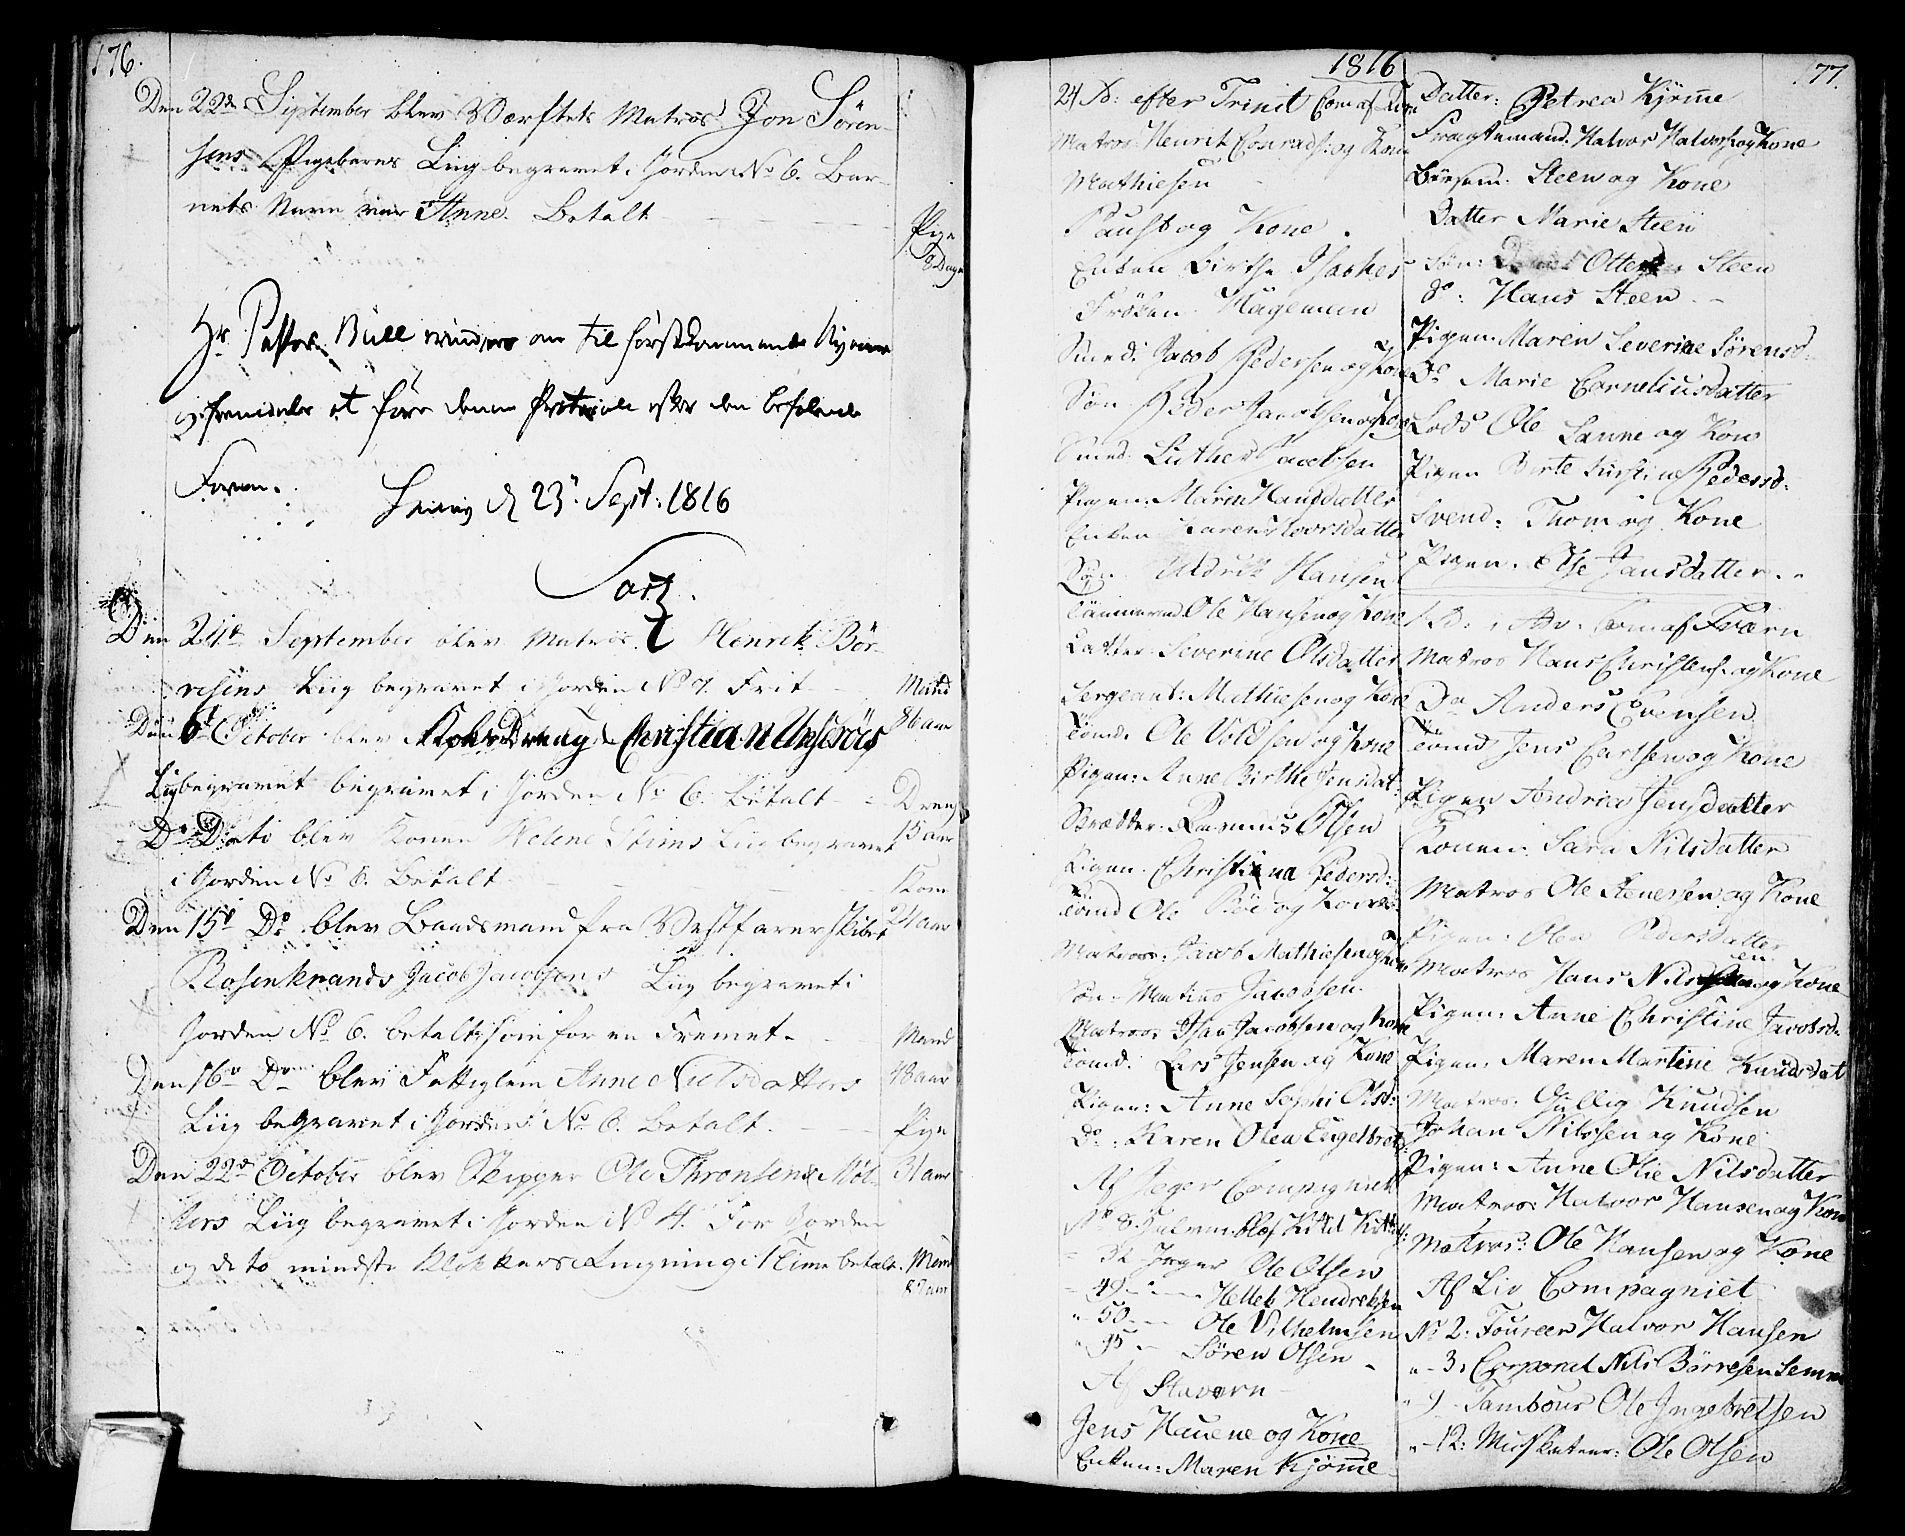 SAKO, Stavern kirkebøker, F/Fa/L0004: Ministerialbok nr. 4, 1809-1816, s. 176-177